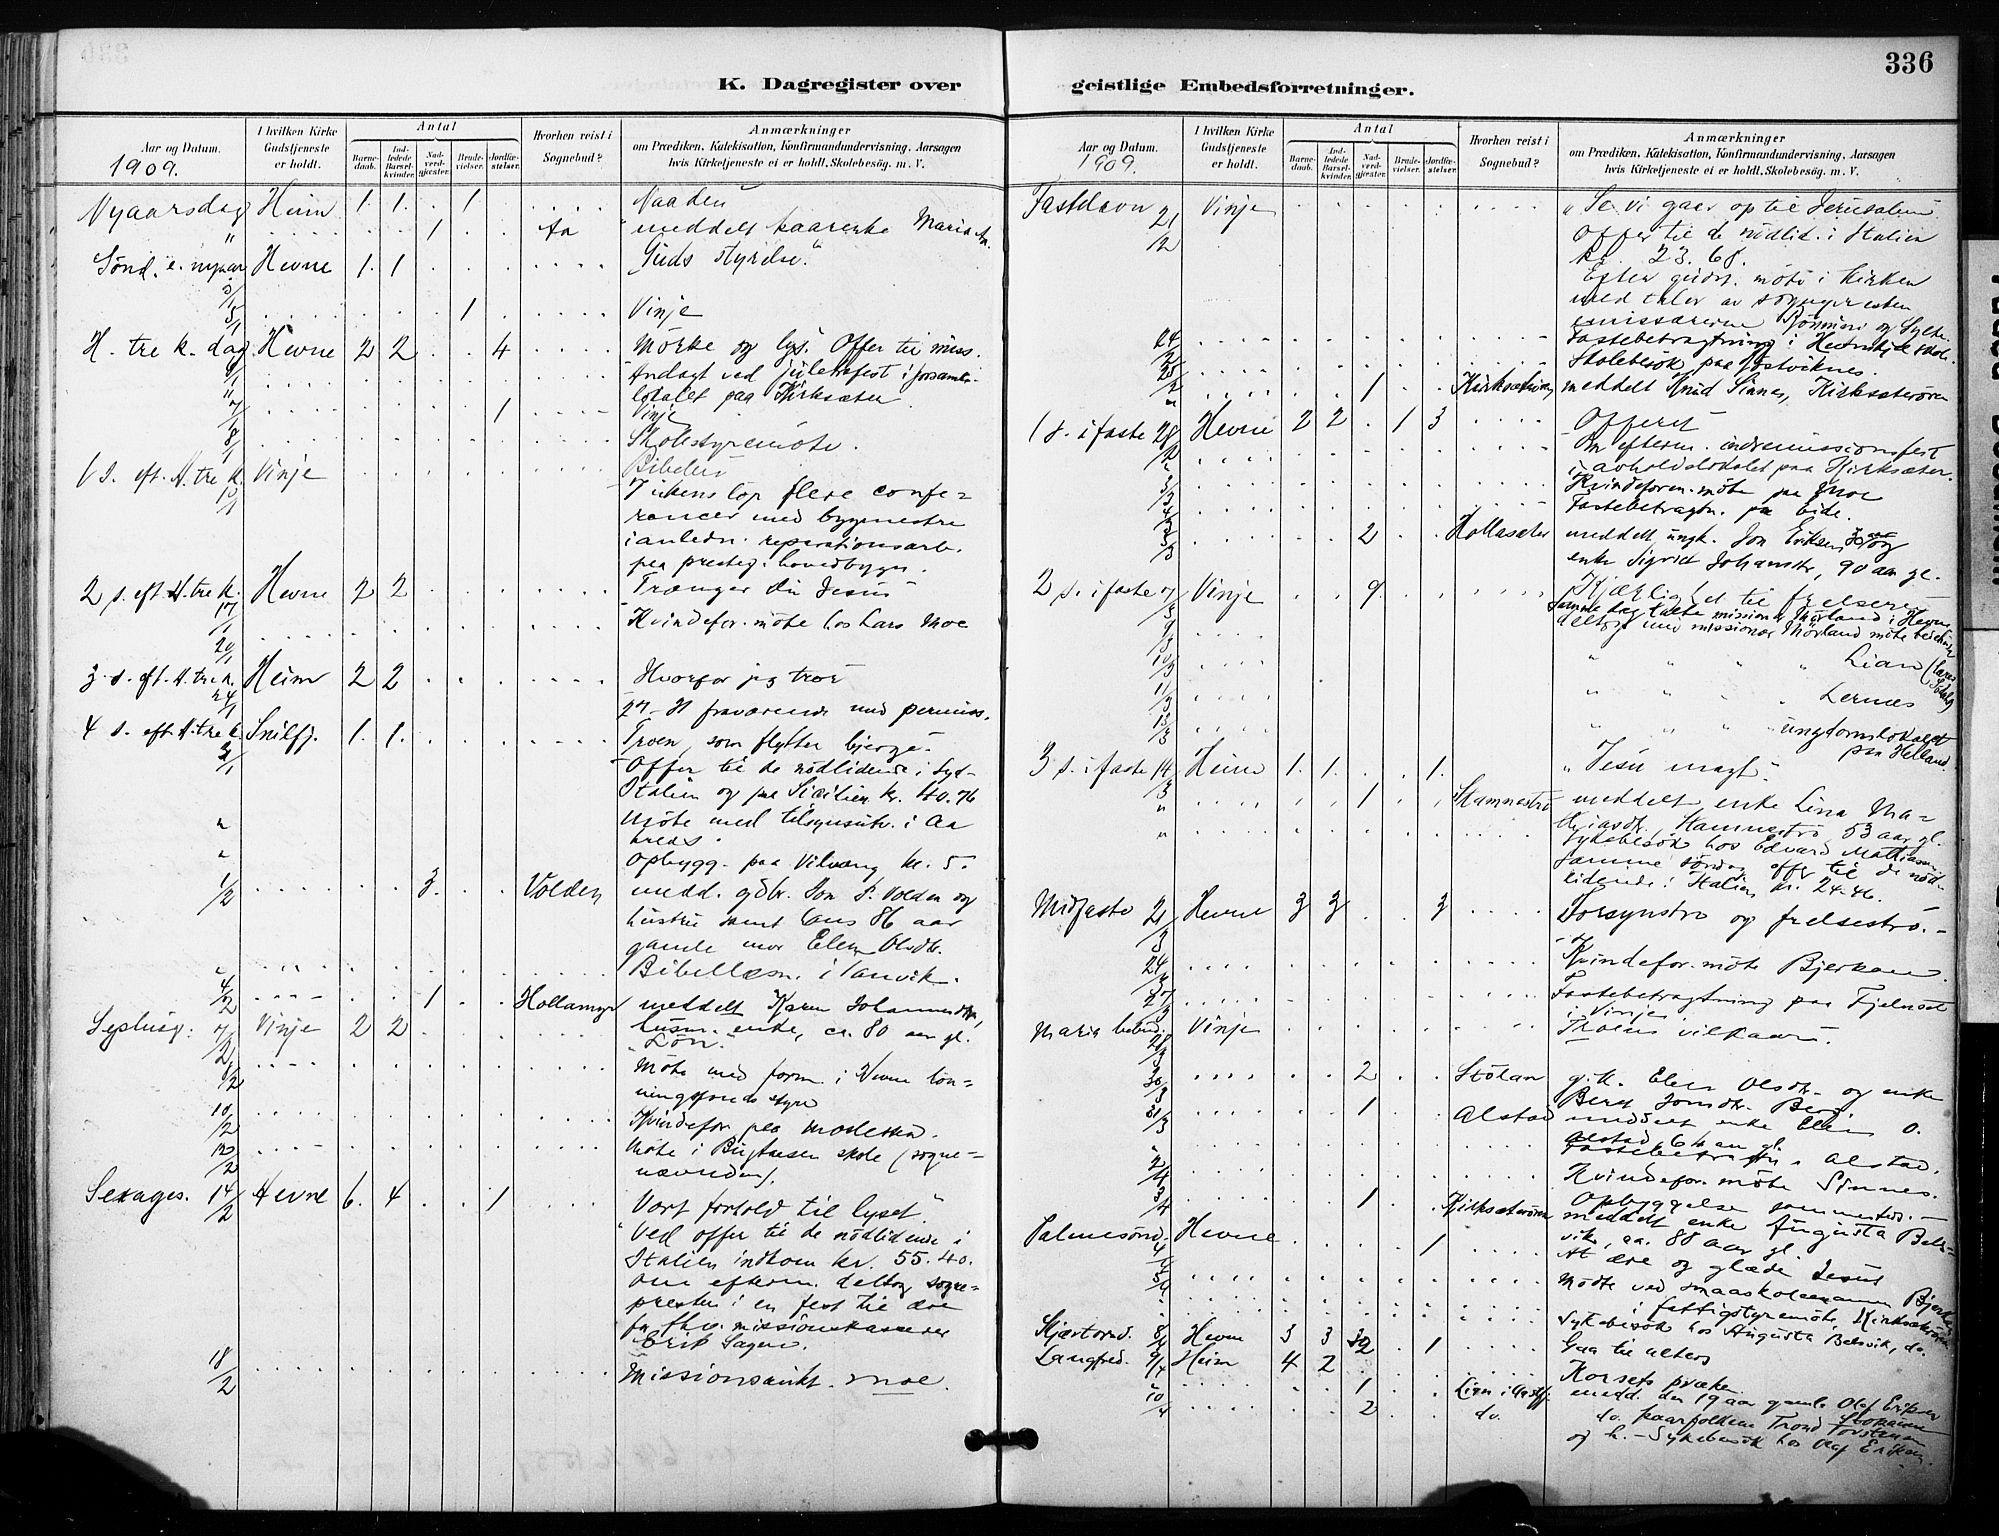 SAT, Ministerialprotokoller, klokkerbøker og fødselsregistre - Sør-Trøndelag, 630/L0497: Ministerialbok nr. 630A10, 1896-1910, s. 336